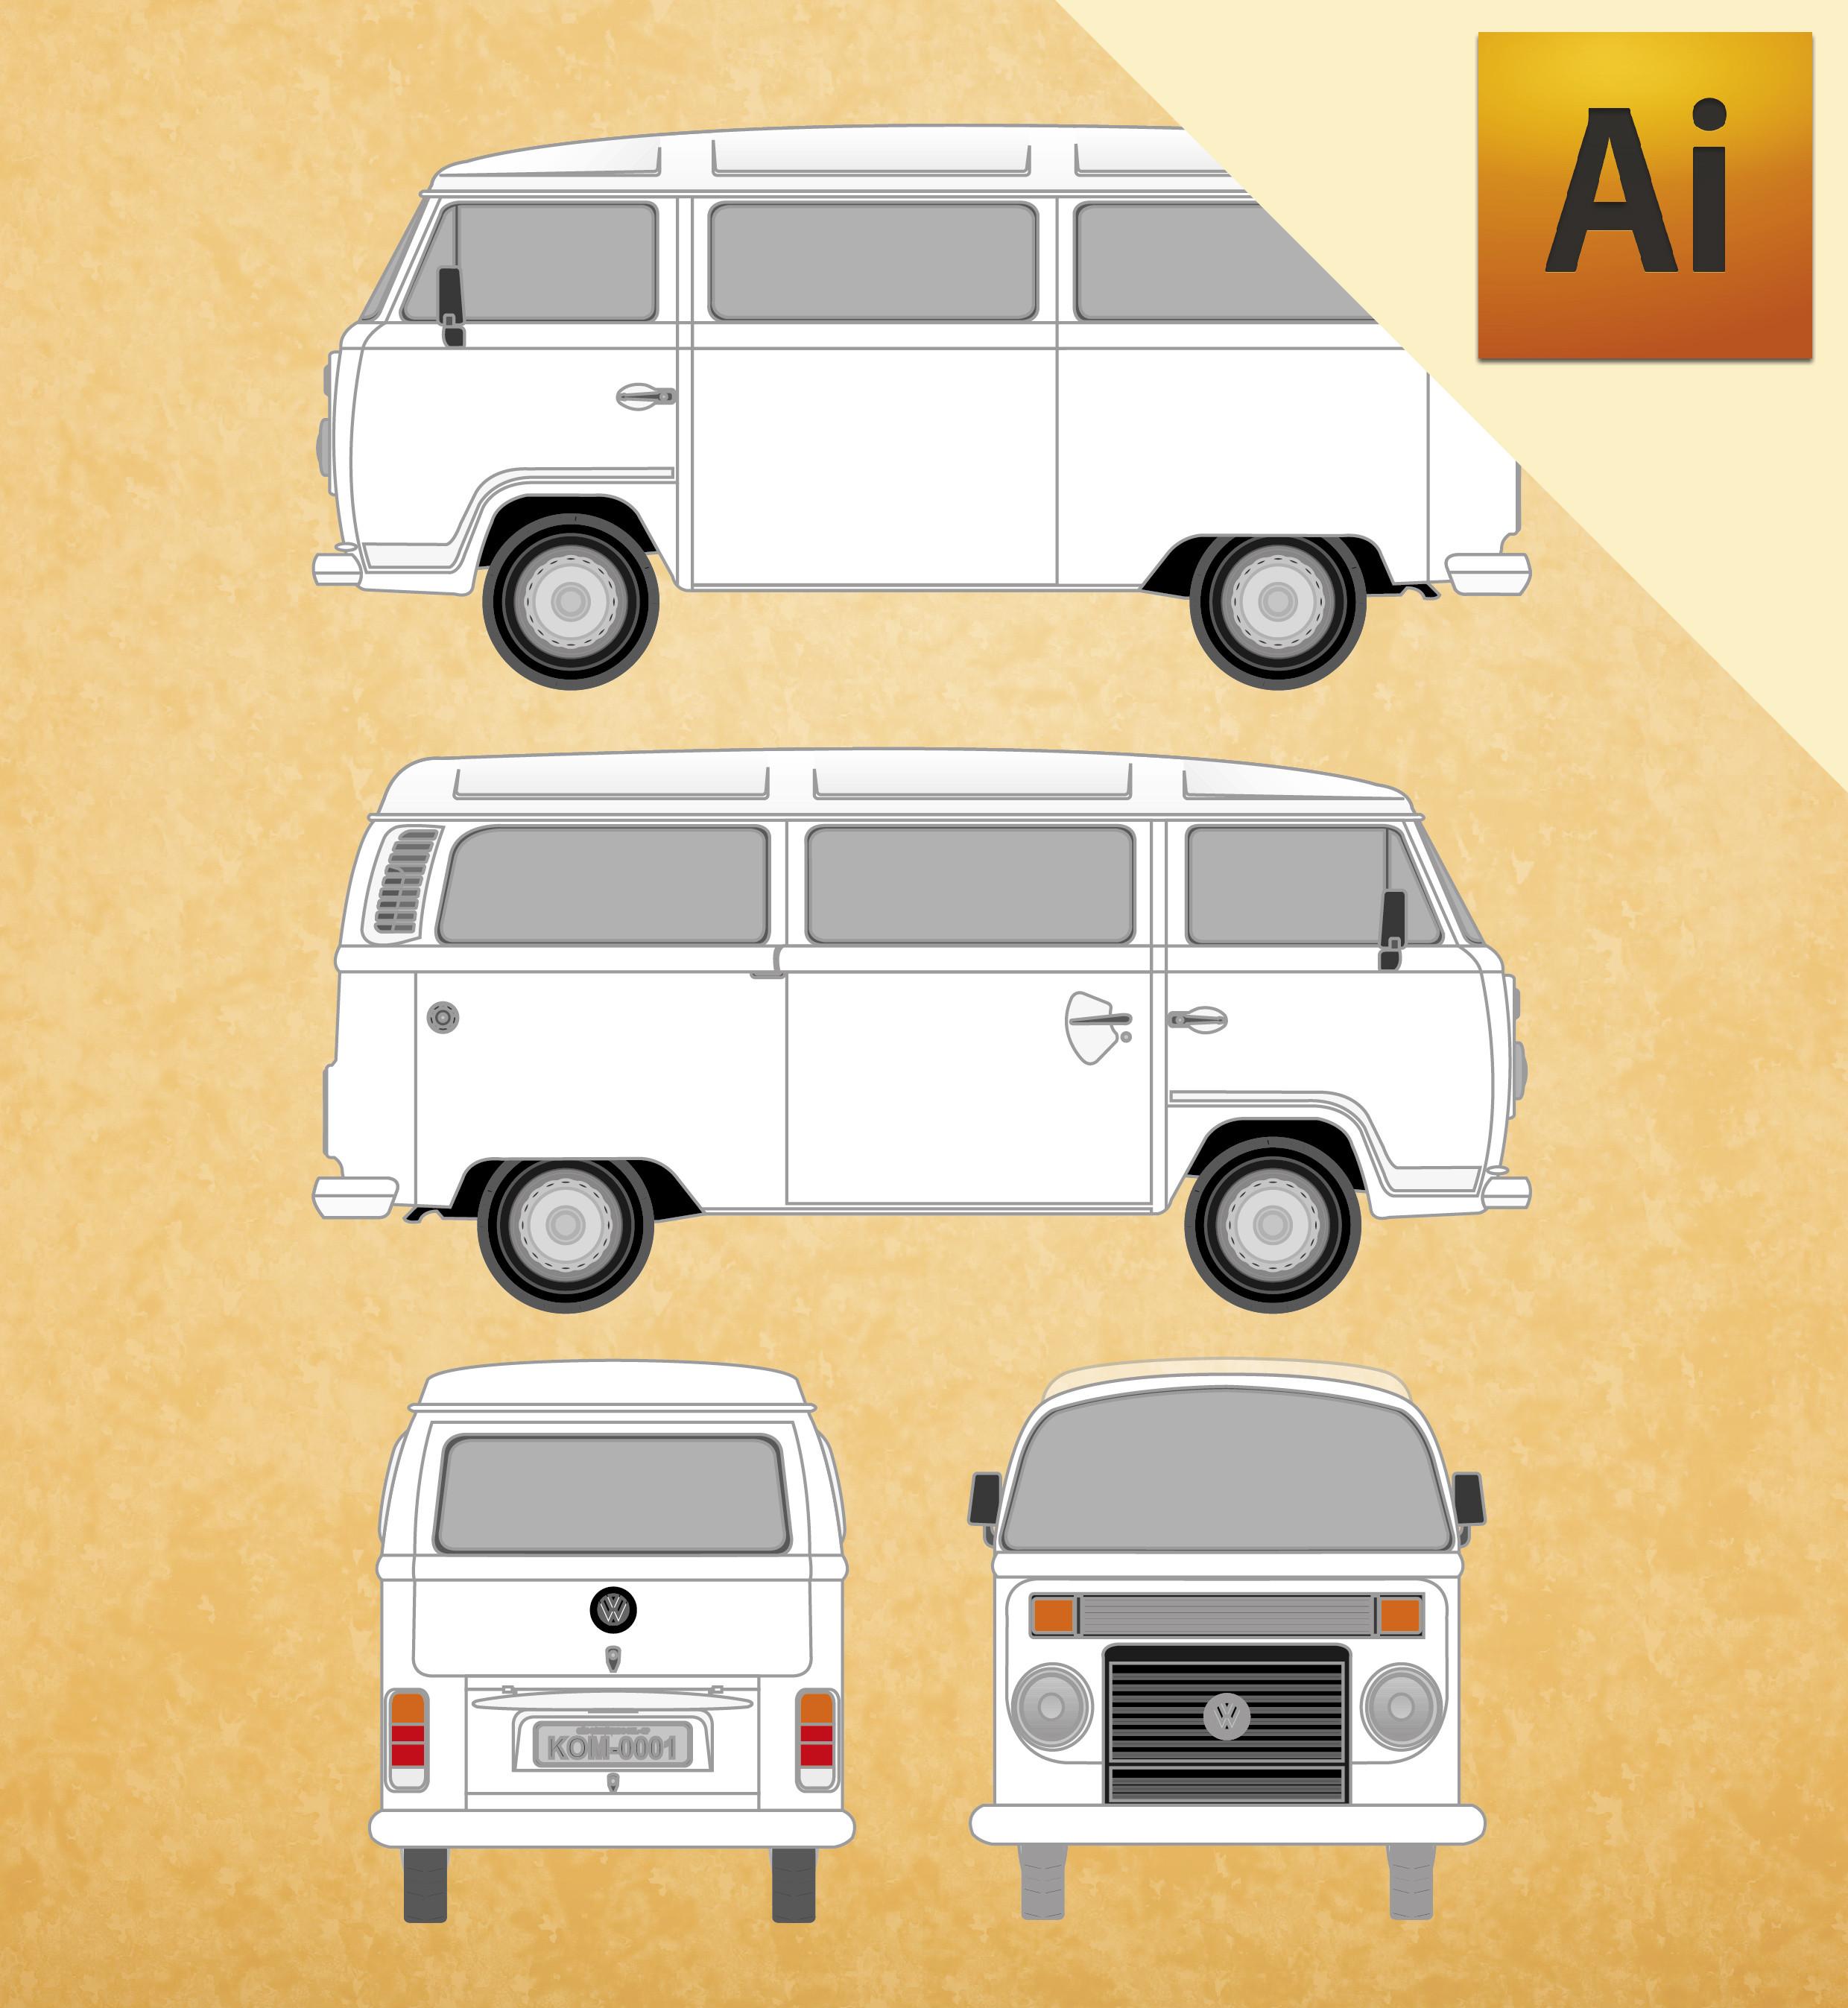 VW Kombi 2001 em Vetor - Illustrator